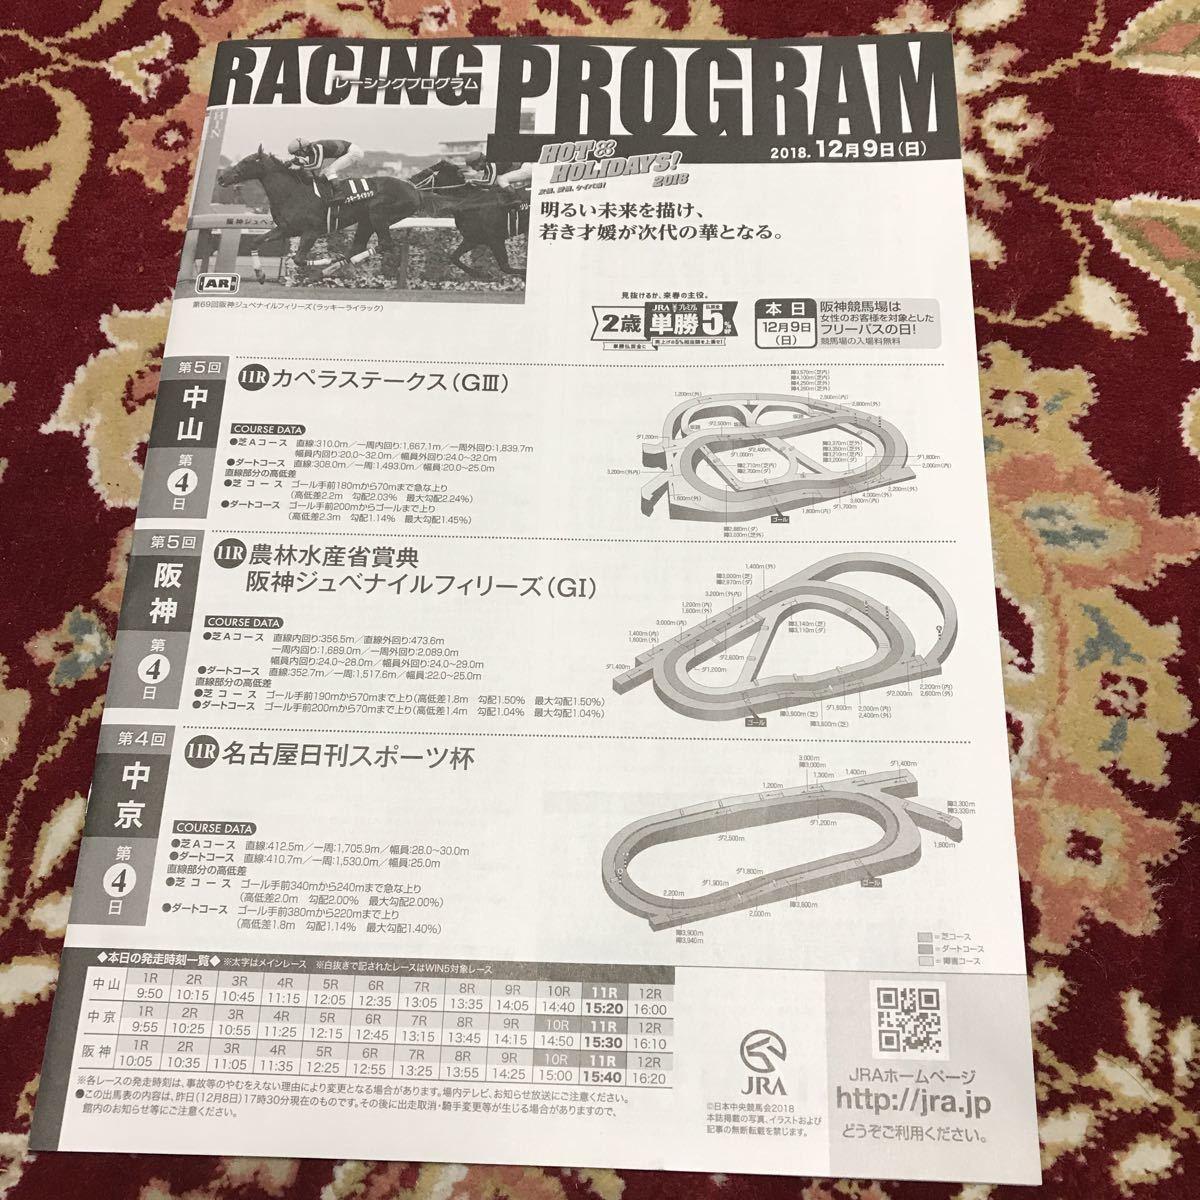 JRAレーシングプログラム2018.12月9日(日)阪神ジュベナイルフィリーズ(GⅠ)、カペラステークス(GⅢ)、名古屋日刊スポーツ杯_画像1